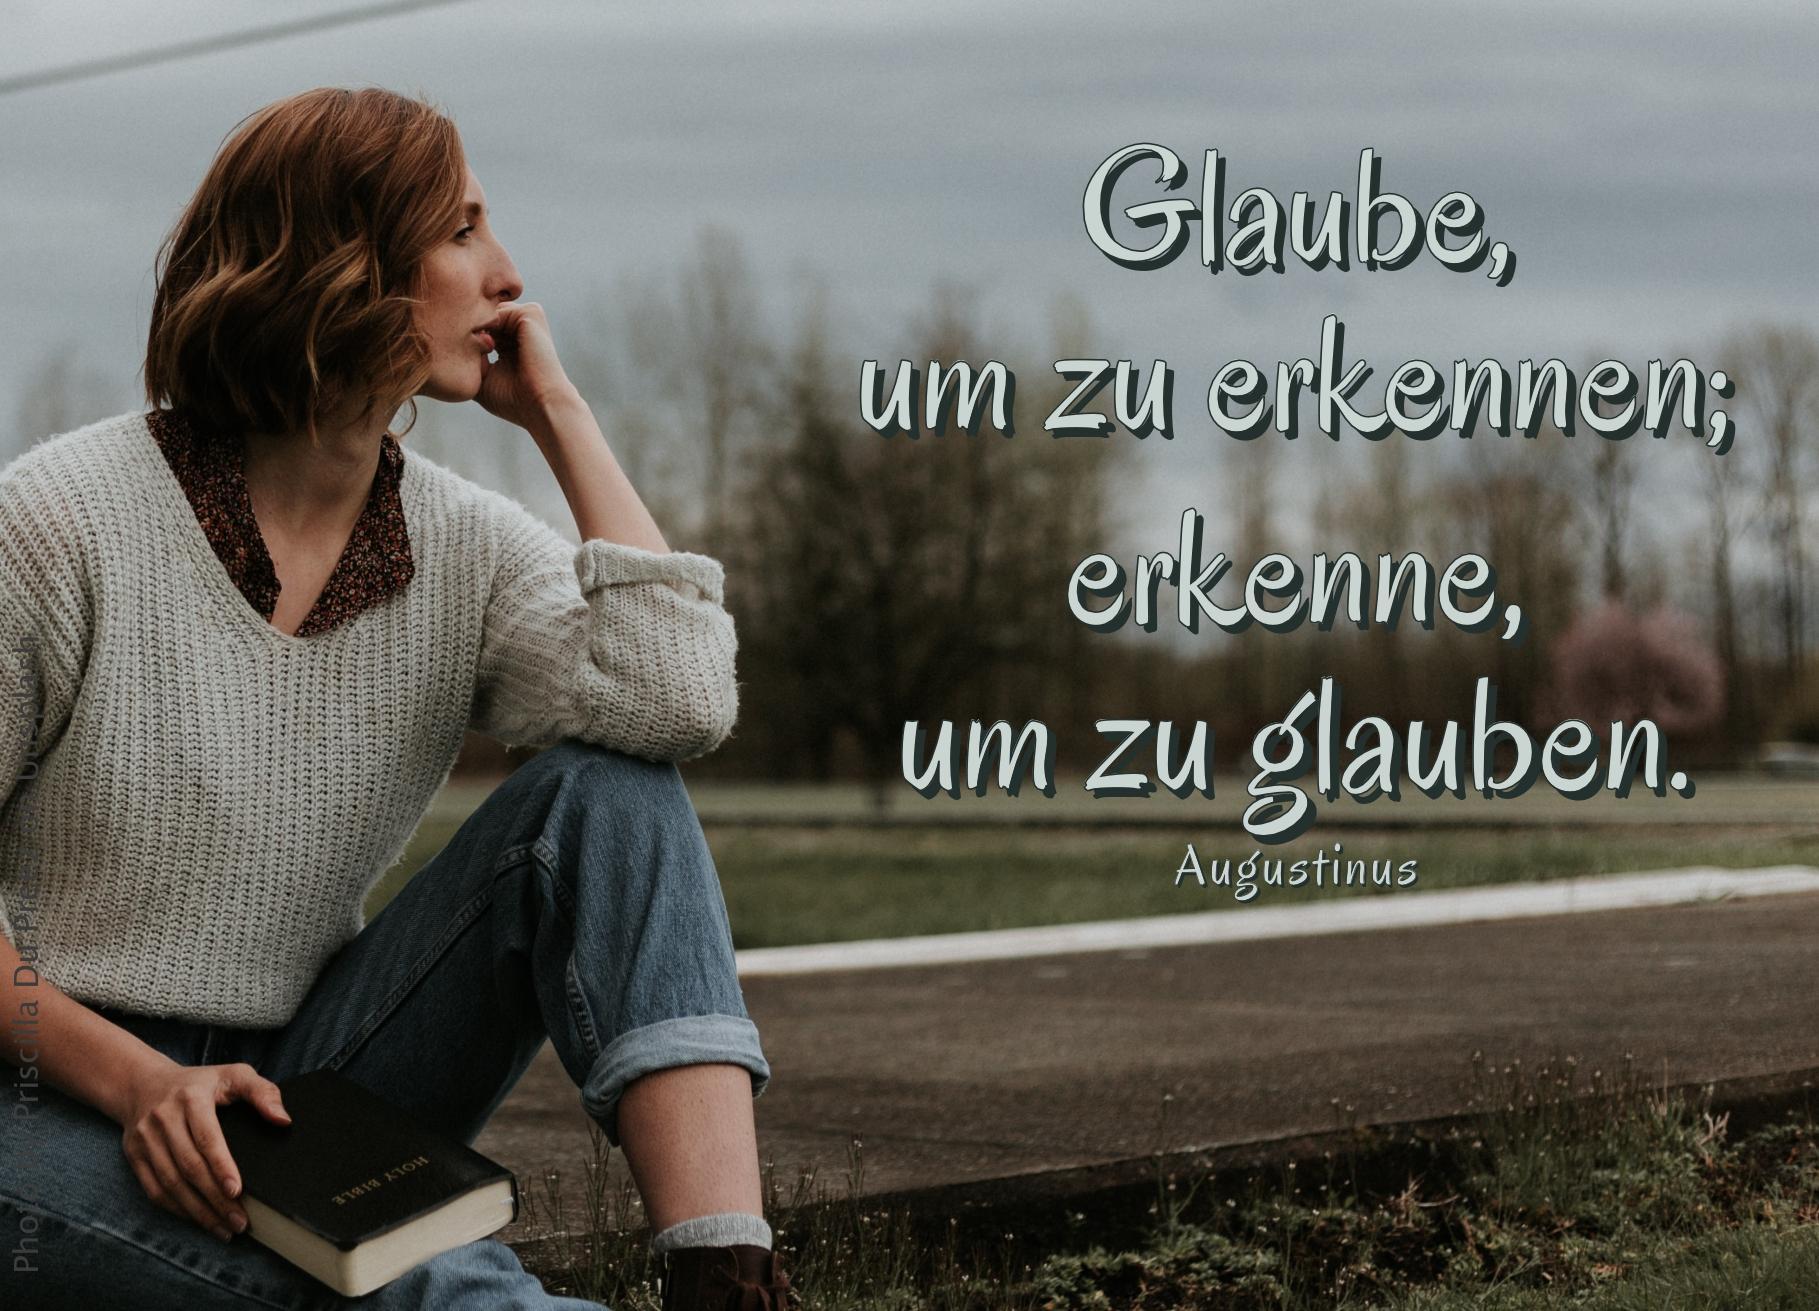 Frau mit sitzt draußen mit Bibel in der Hand und denkt nach